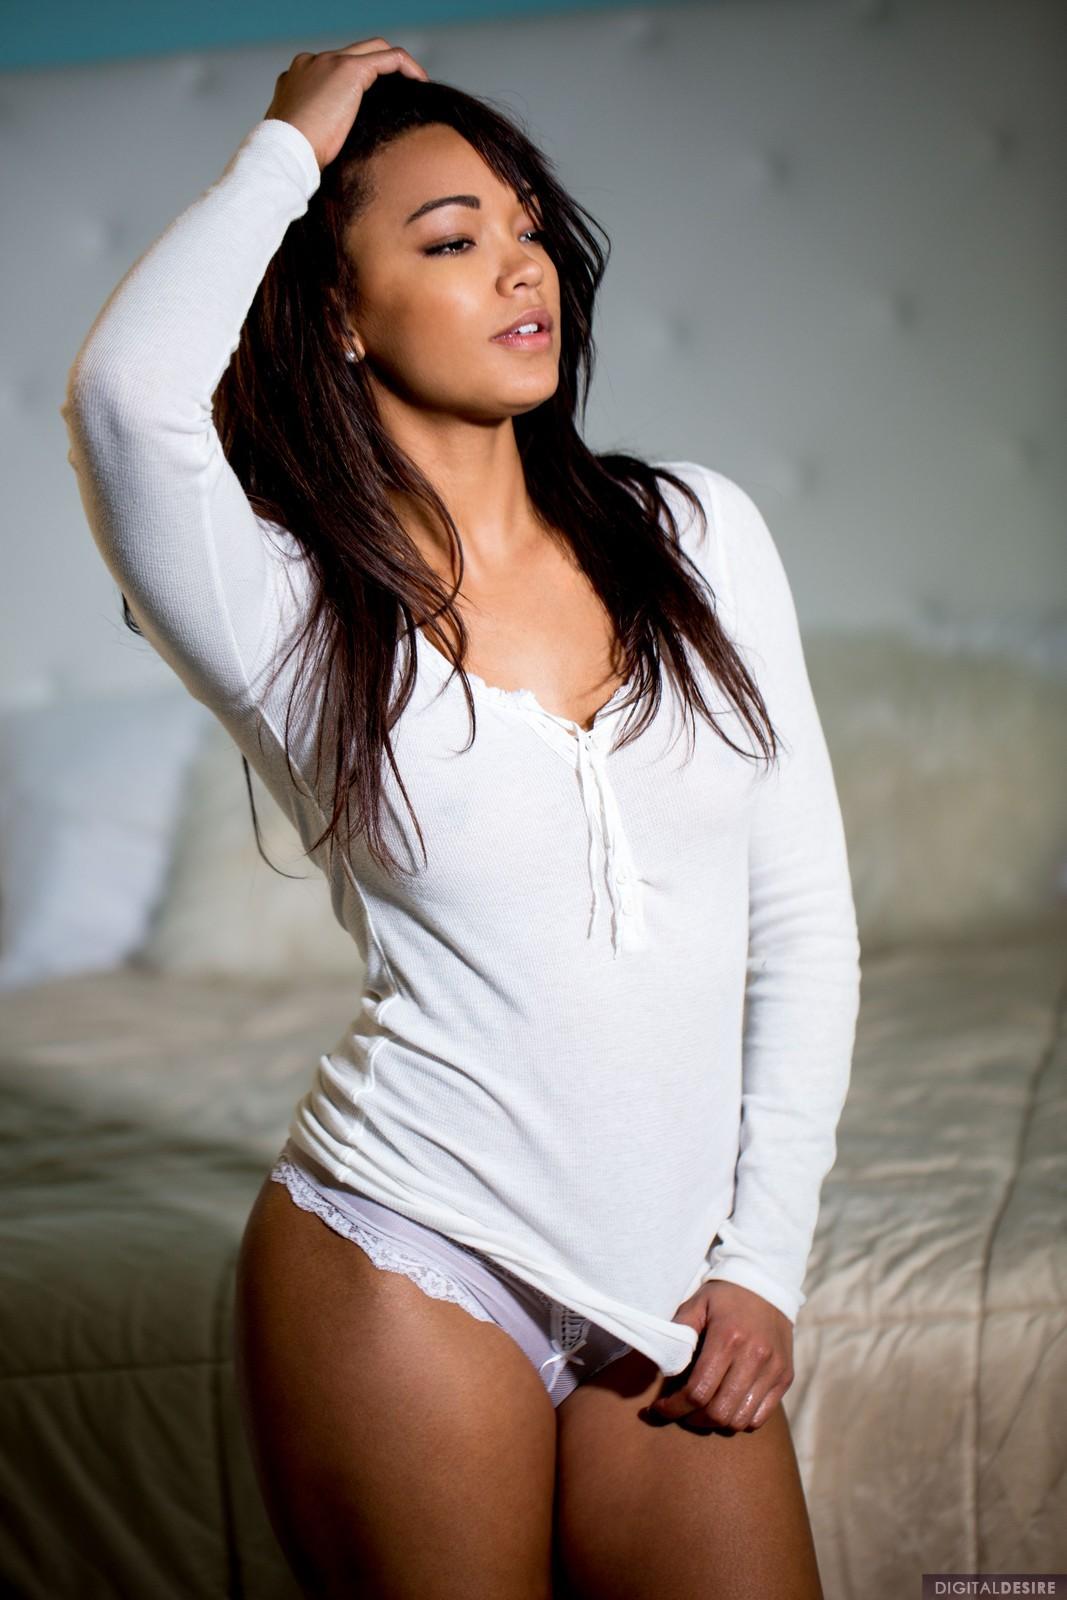 Привлекательная мулатка на кровати - фото